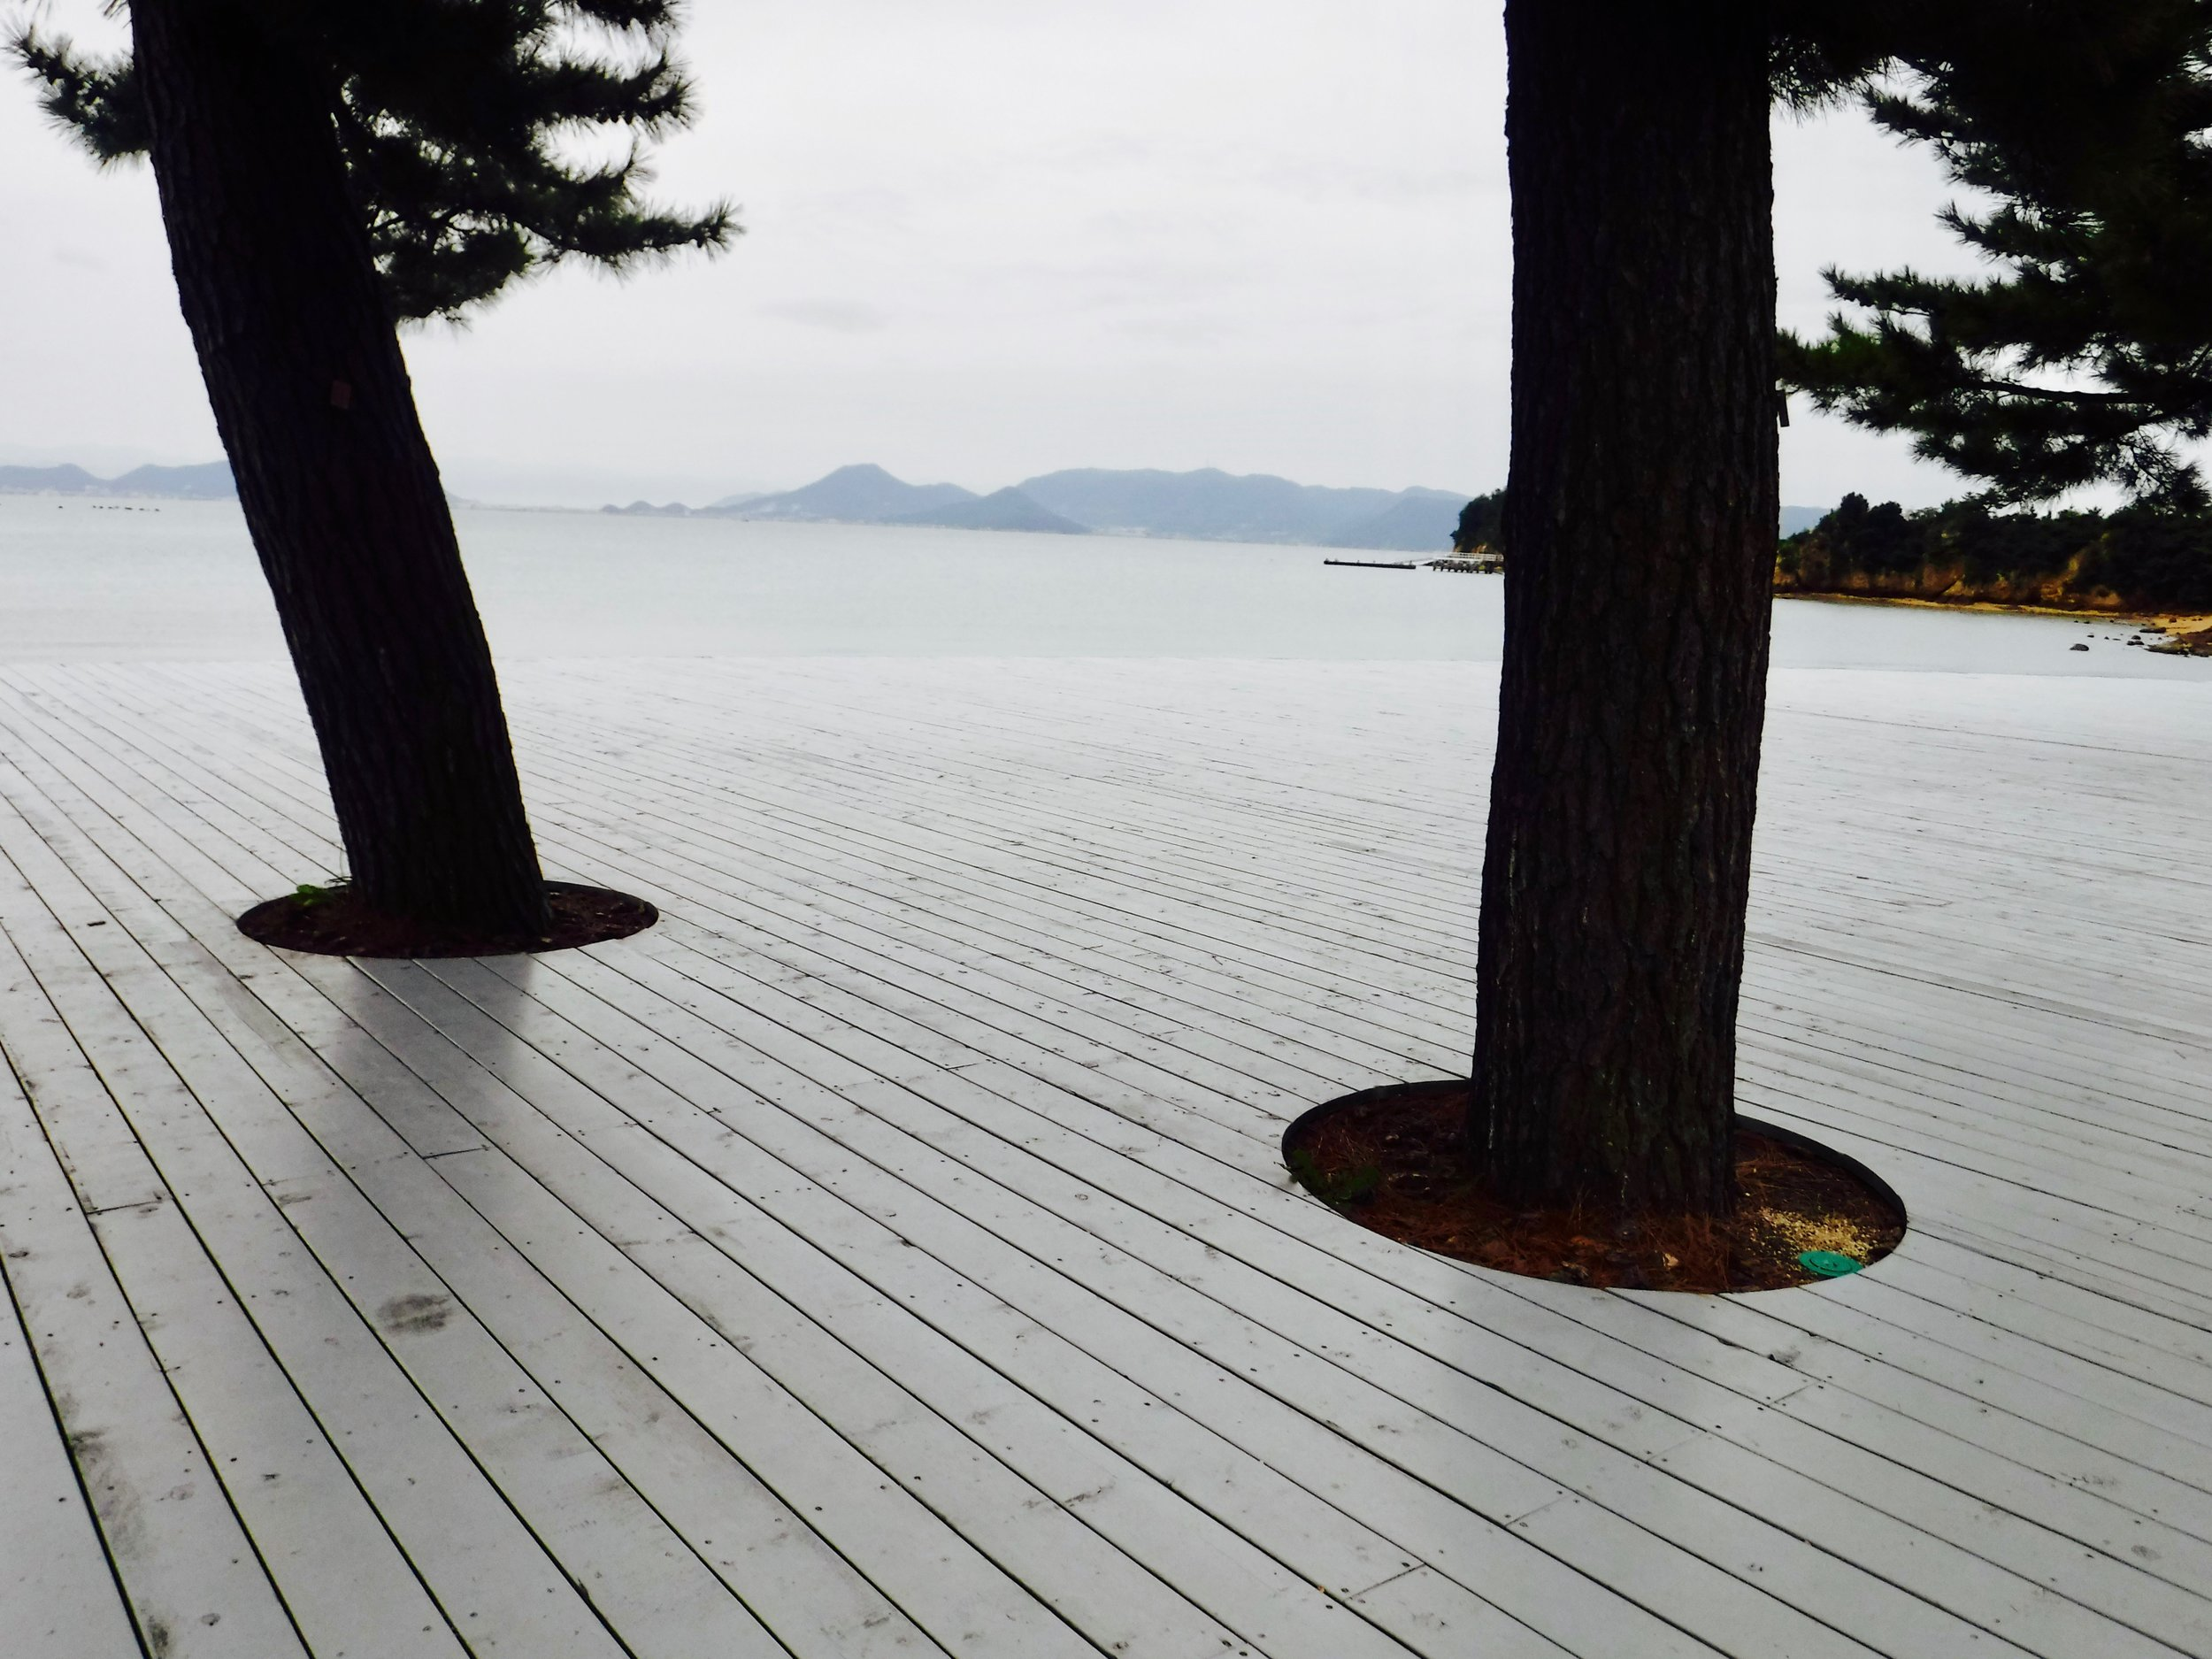 ビーチに飛び出すデッキもグレー。よく見たら、海と同じ色!すてきな計算。